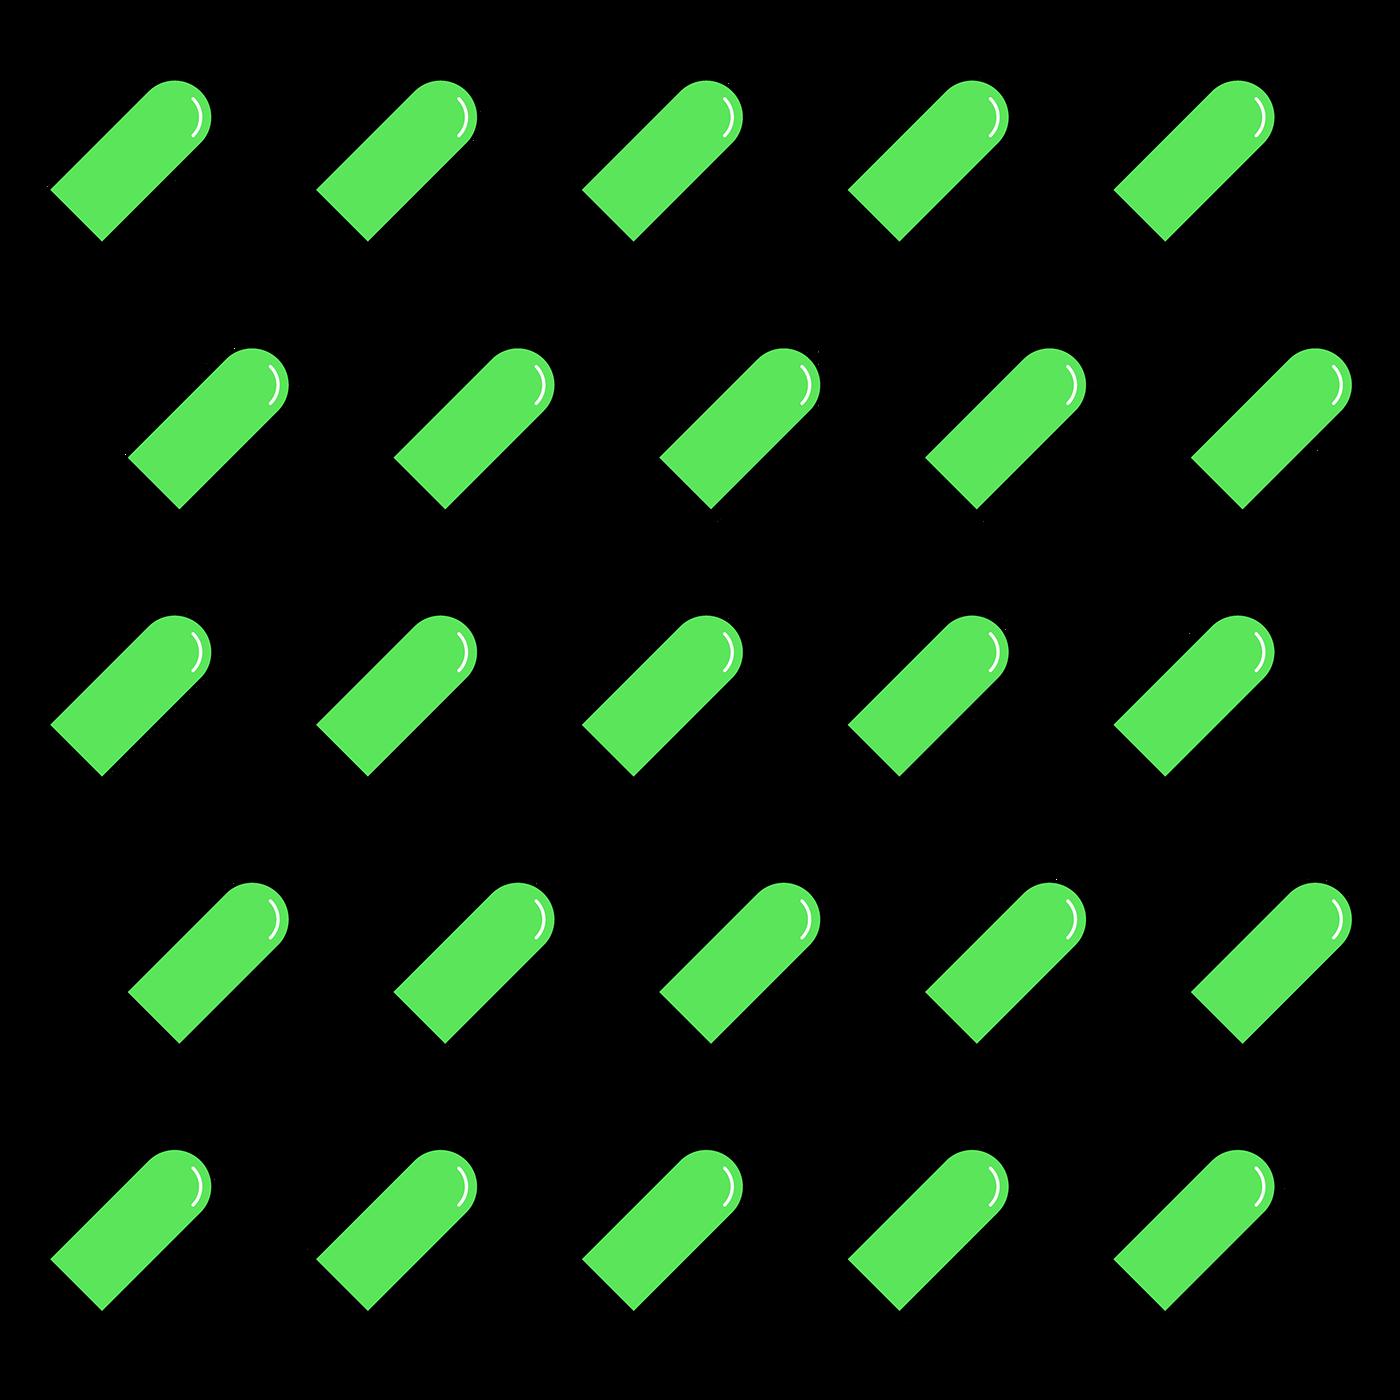 cactus motion design Remplissage FILLING